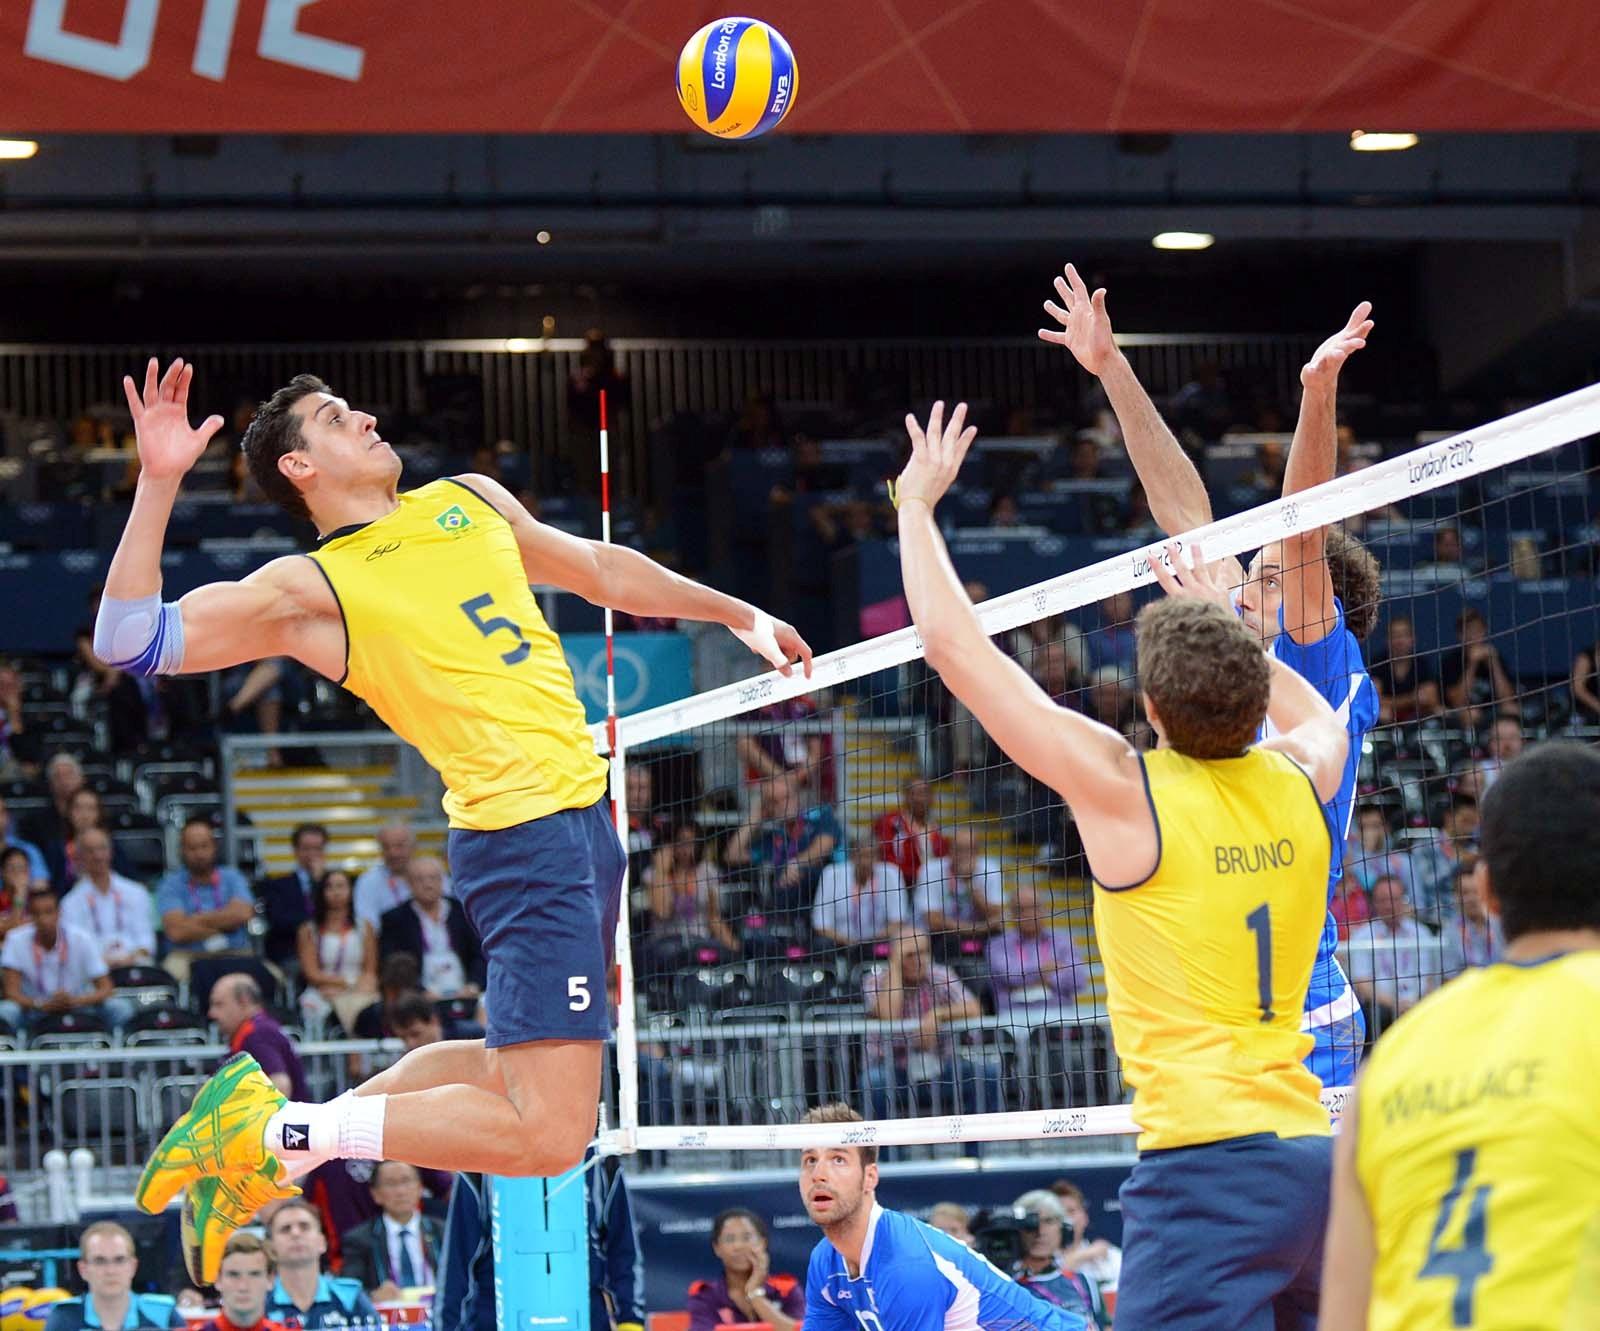 Jogos olimpicos rio 2016 - 4 7